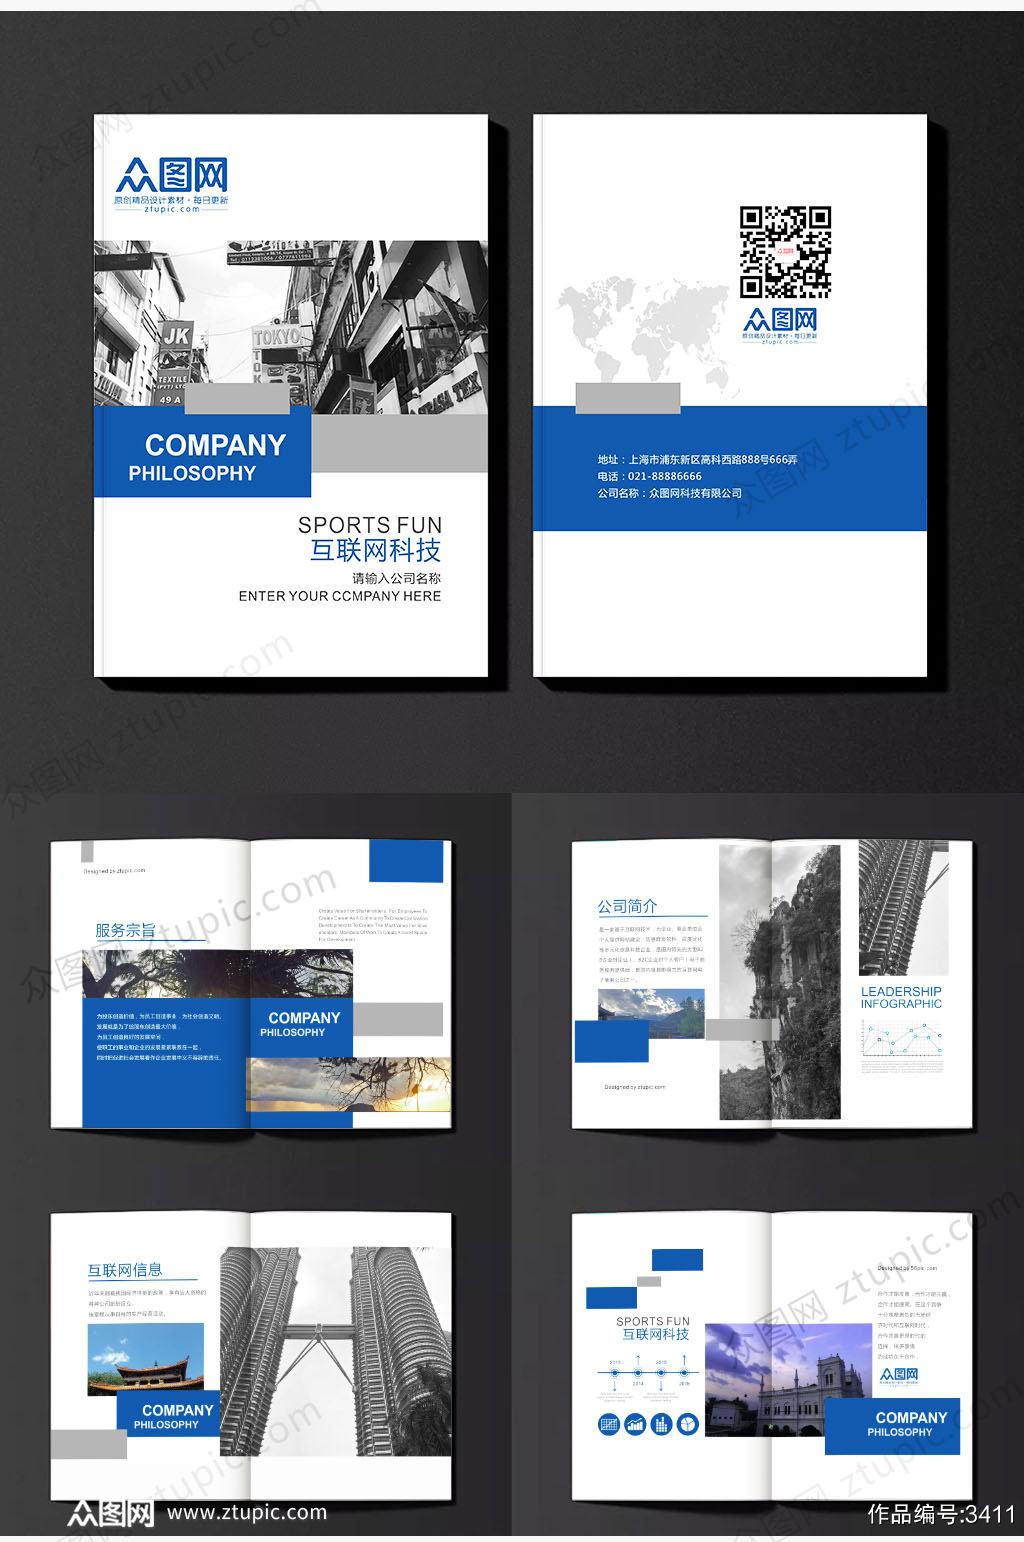 整套时尚浅蓝色互联网科技画册设计 户外宣传册素材